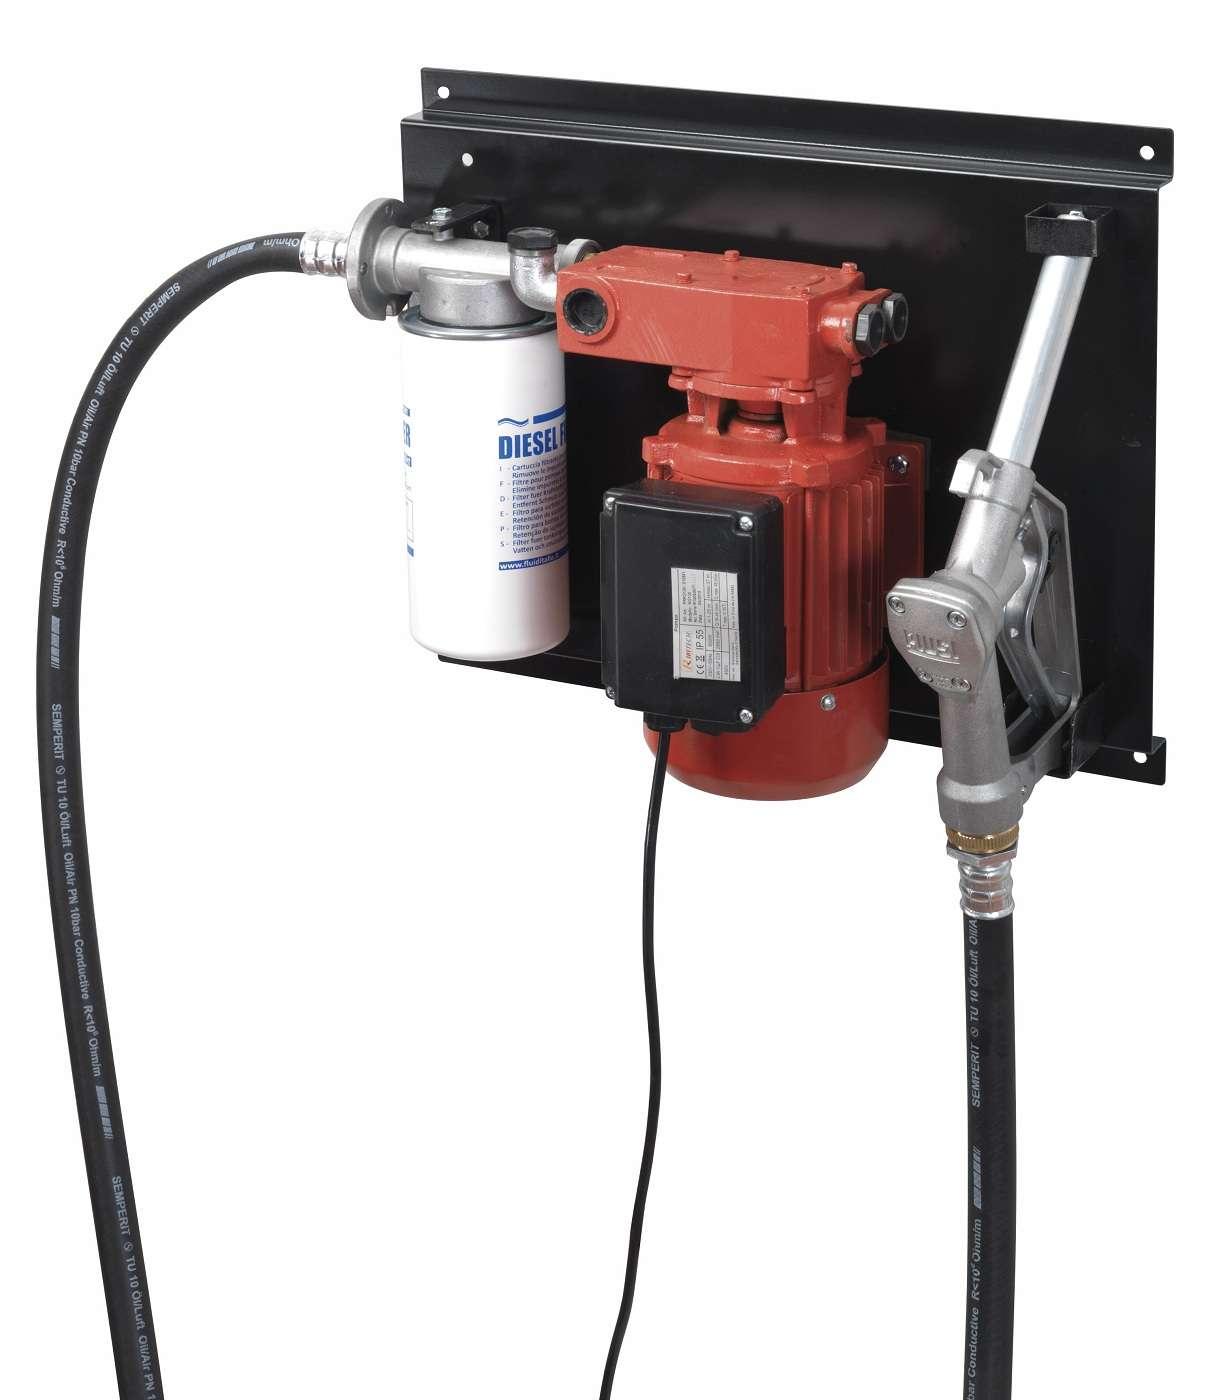 station kit pompe gasoil diesel murale 0 8hp filtre pistolet tuyau prkg120 ebay. Black Bedroom Furniture Sets. Home Design Ideas